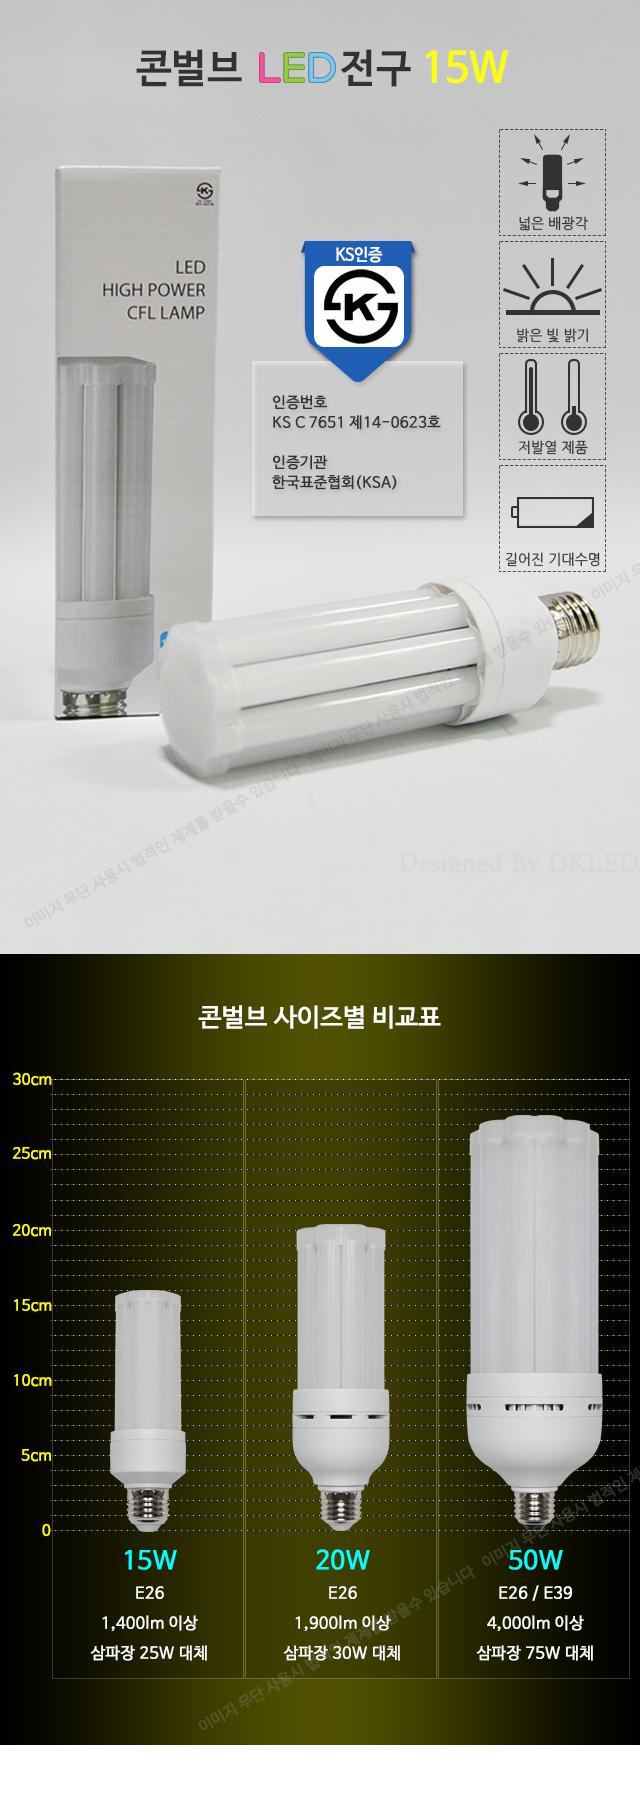 LED전구 콘벌브 15W 전구색 백열전구 대체 GN-3397 지니조명